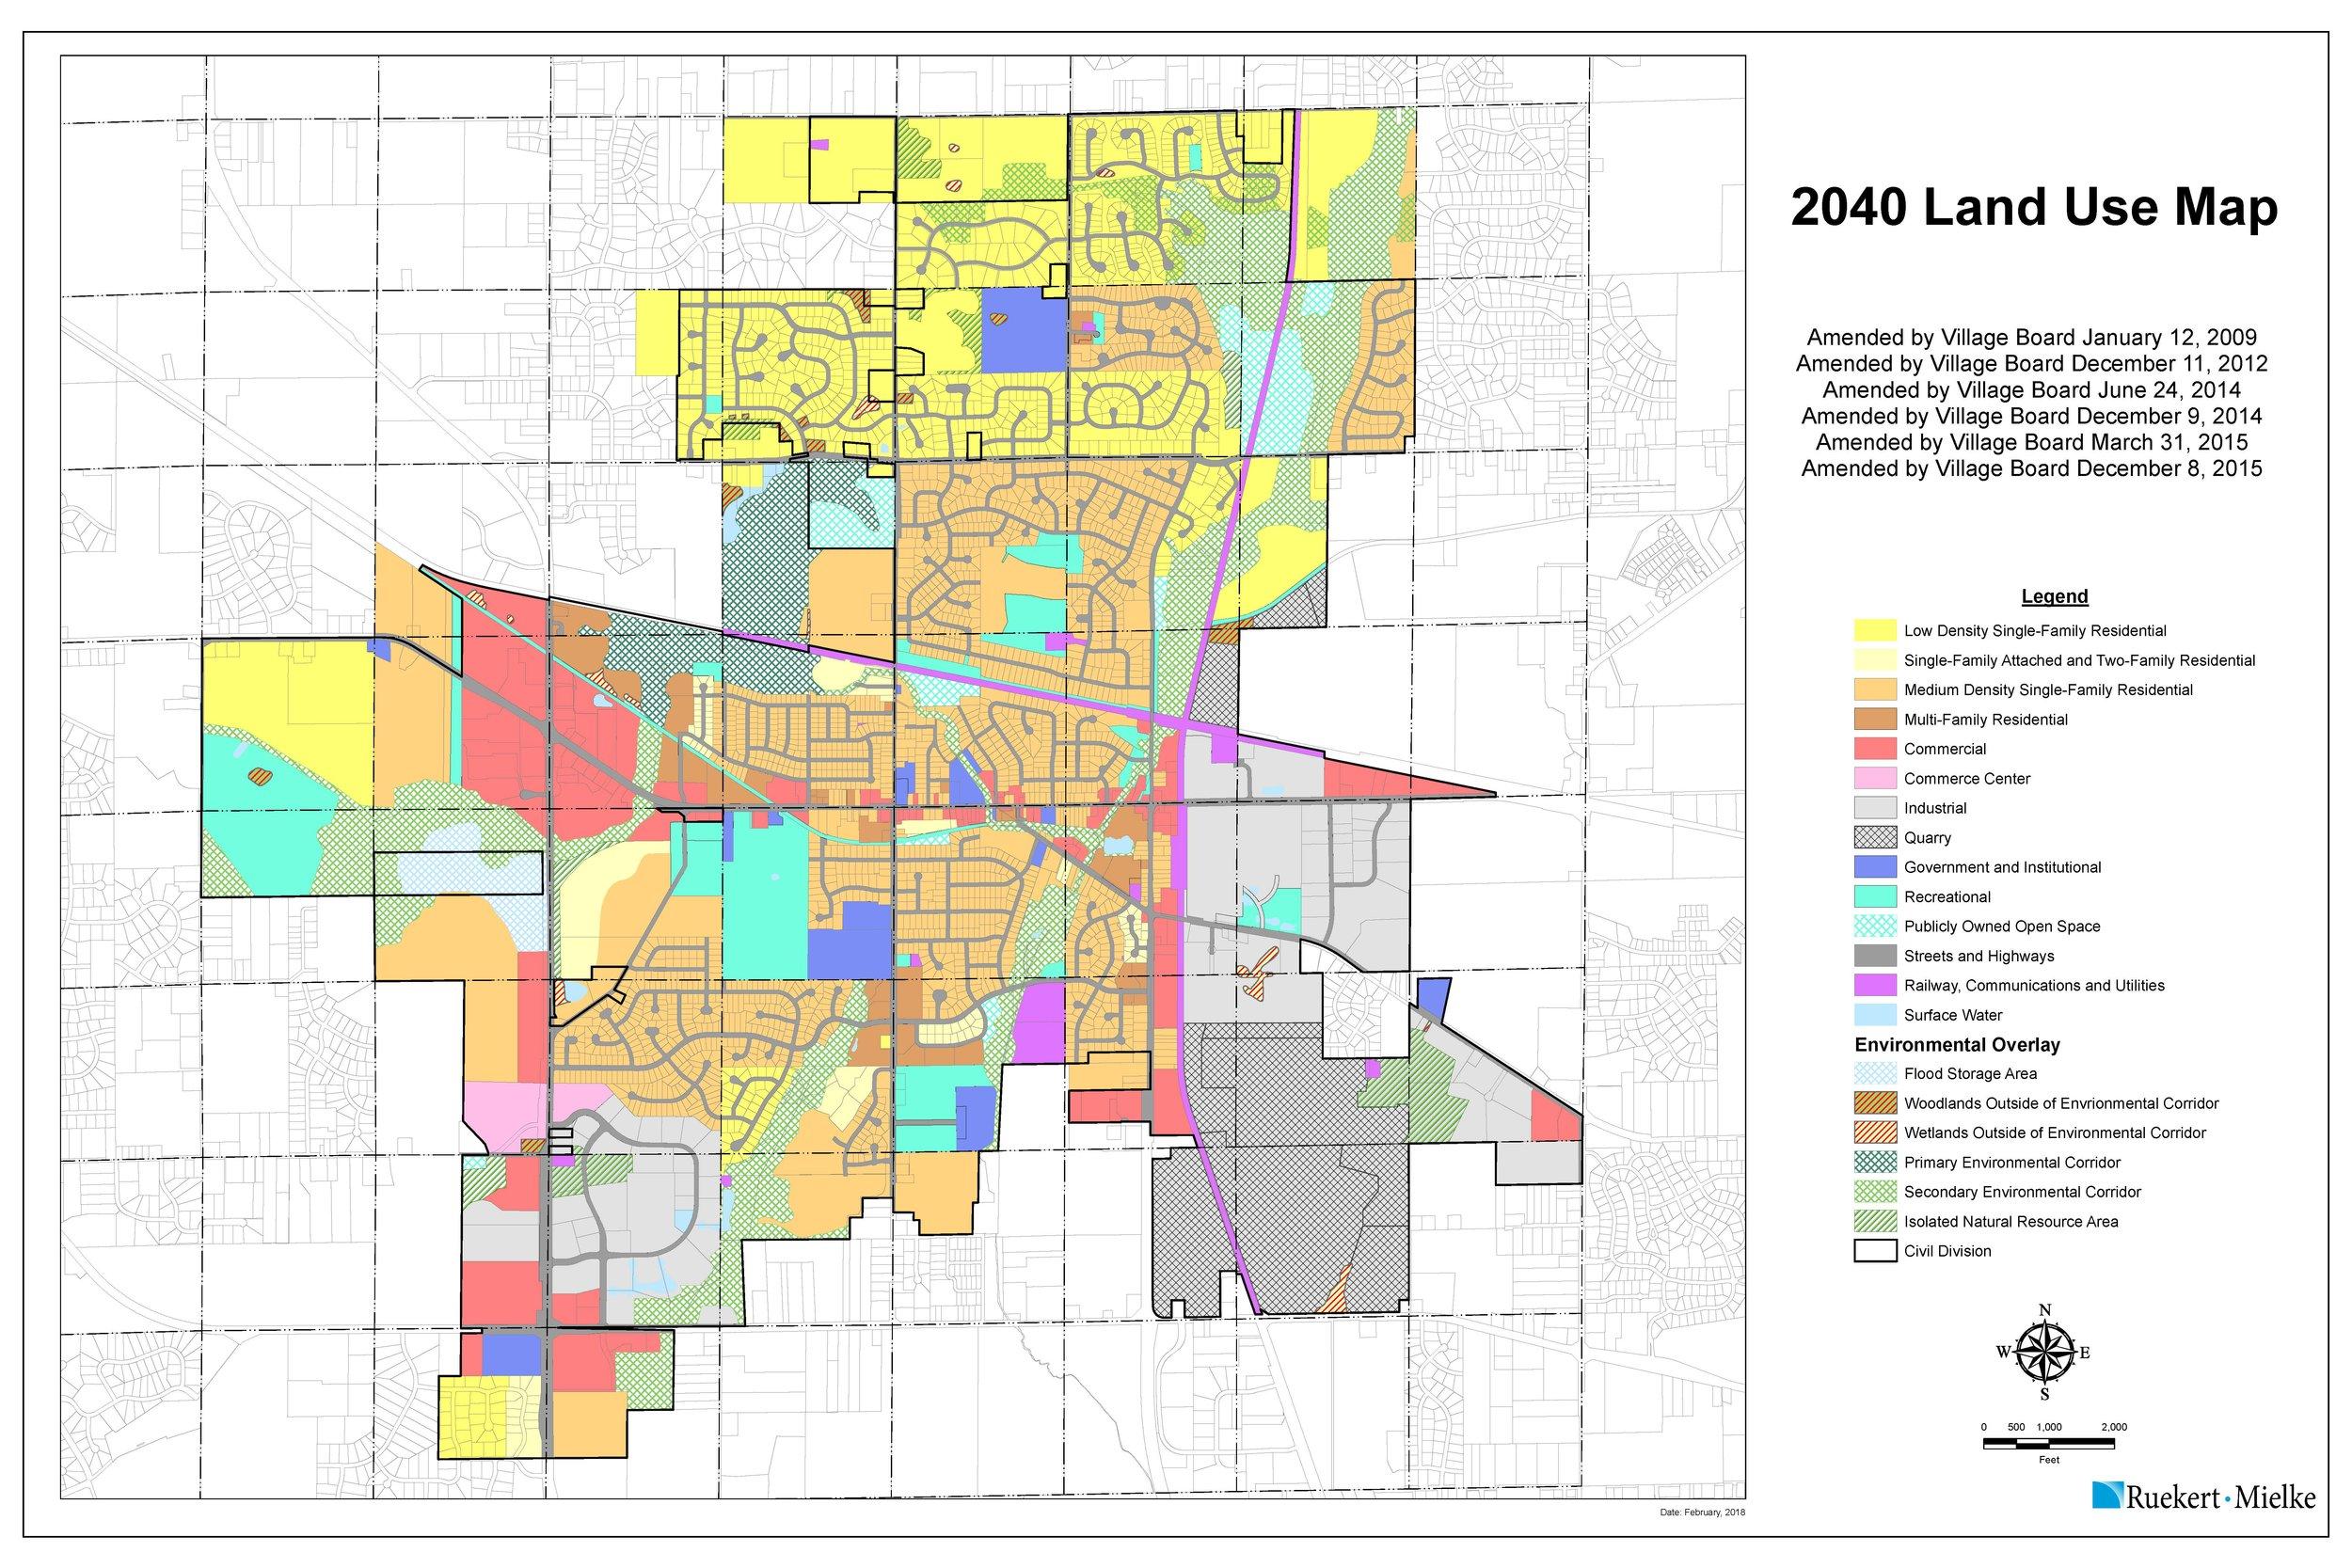 2040 Land Use Map